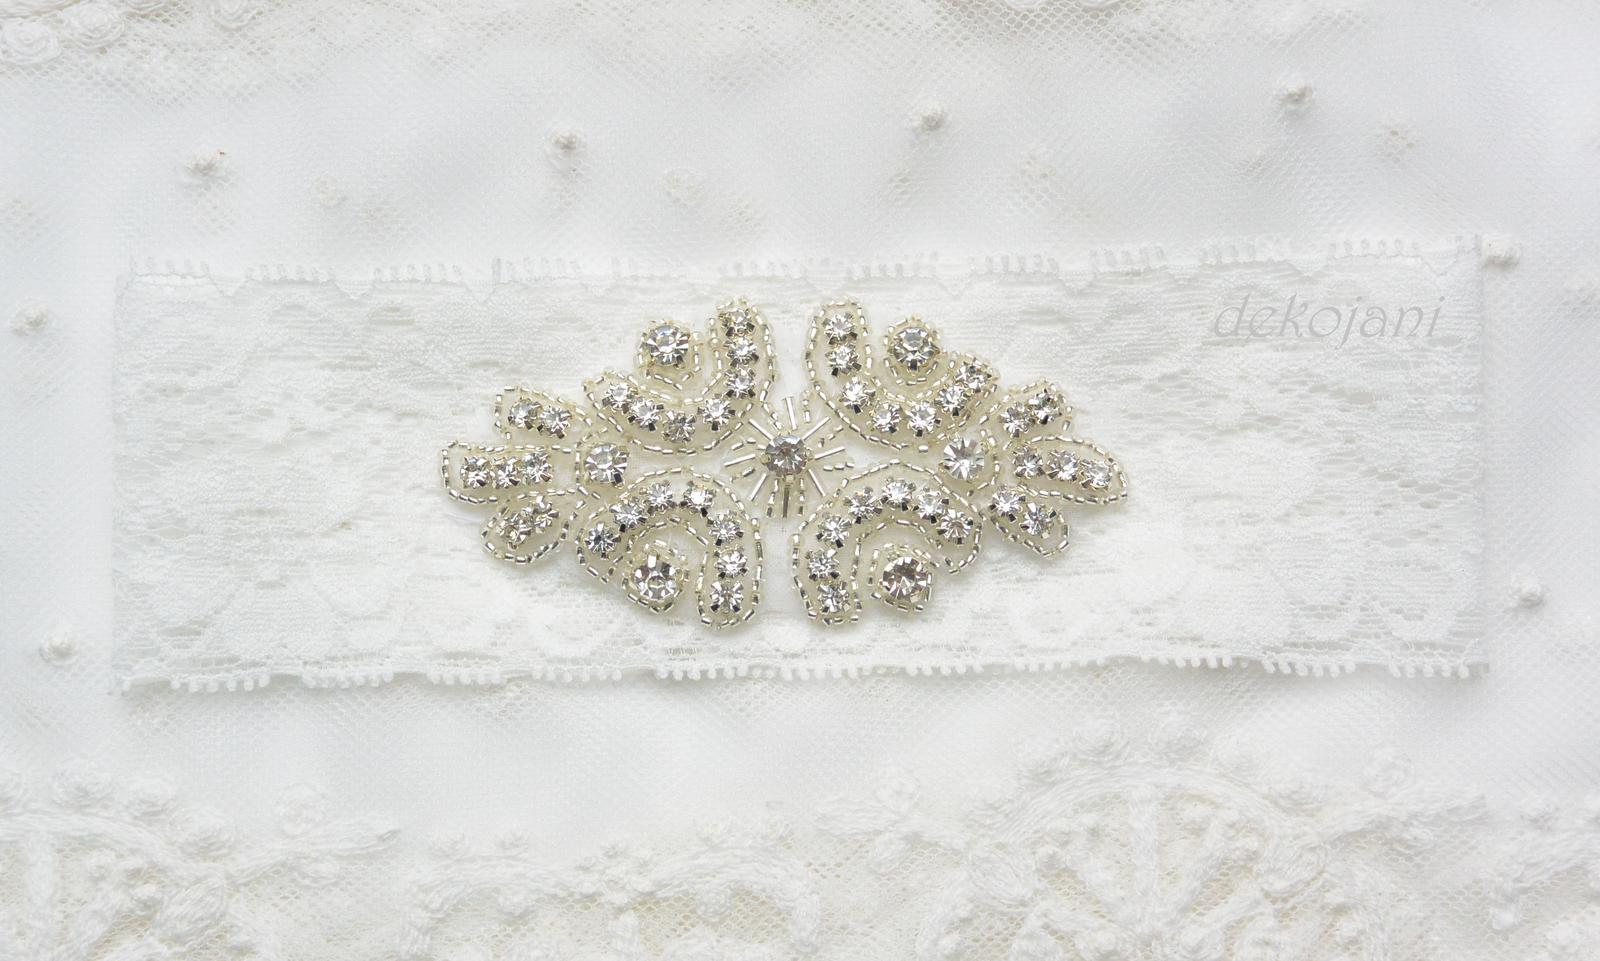 Luxusní svatební doplňky a dekorace. - Obrázek č. 37